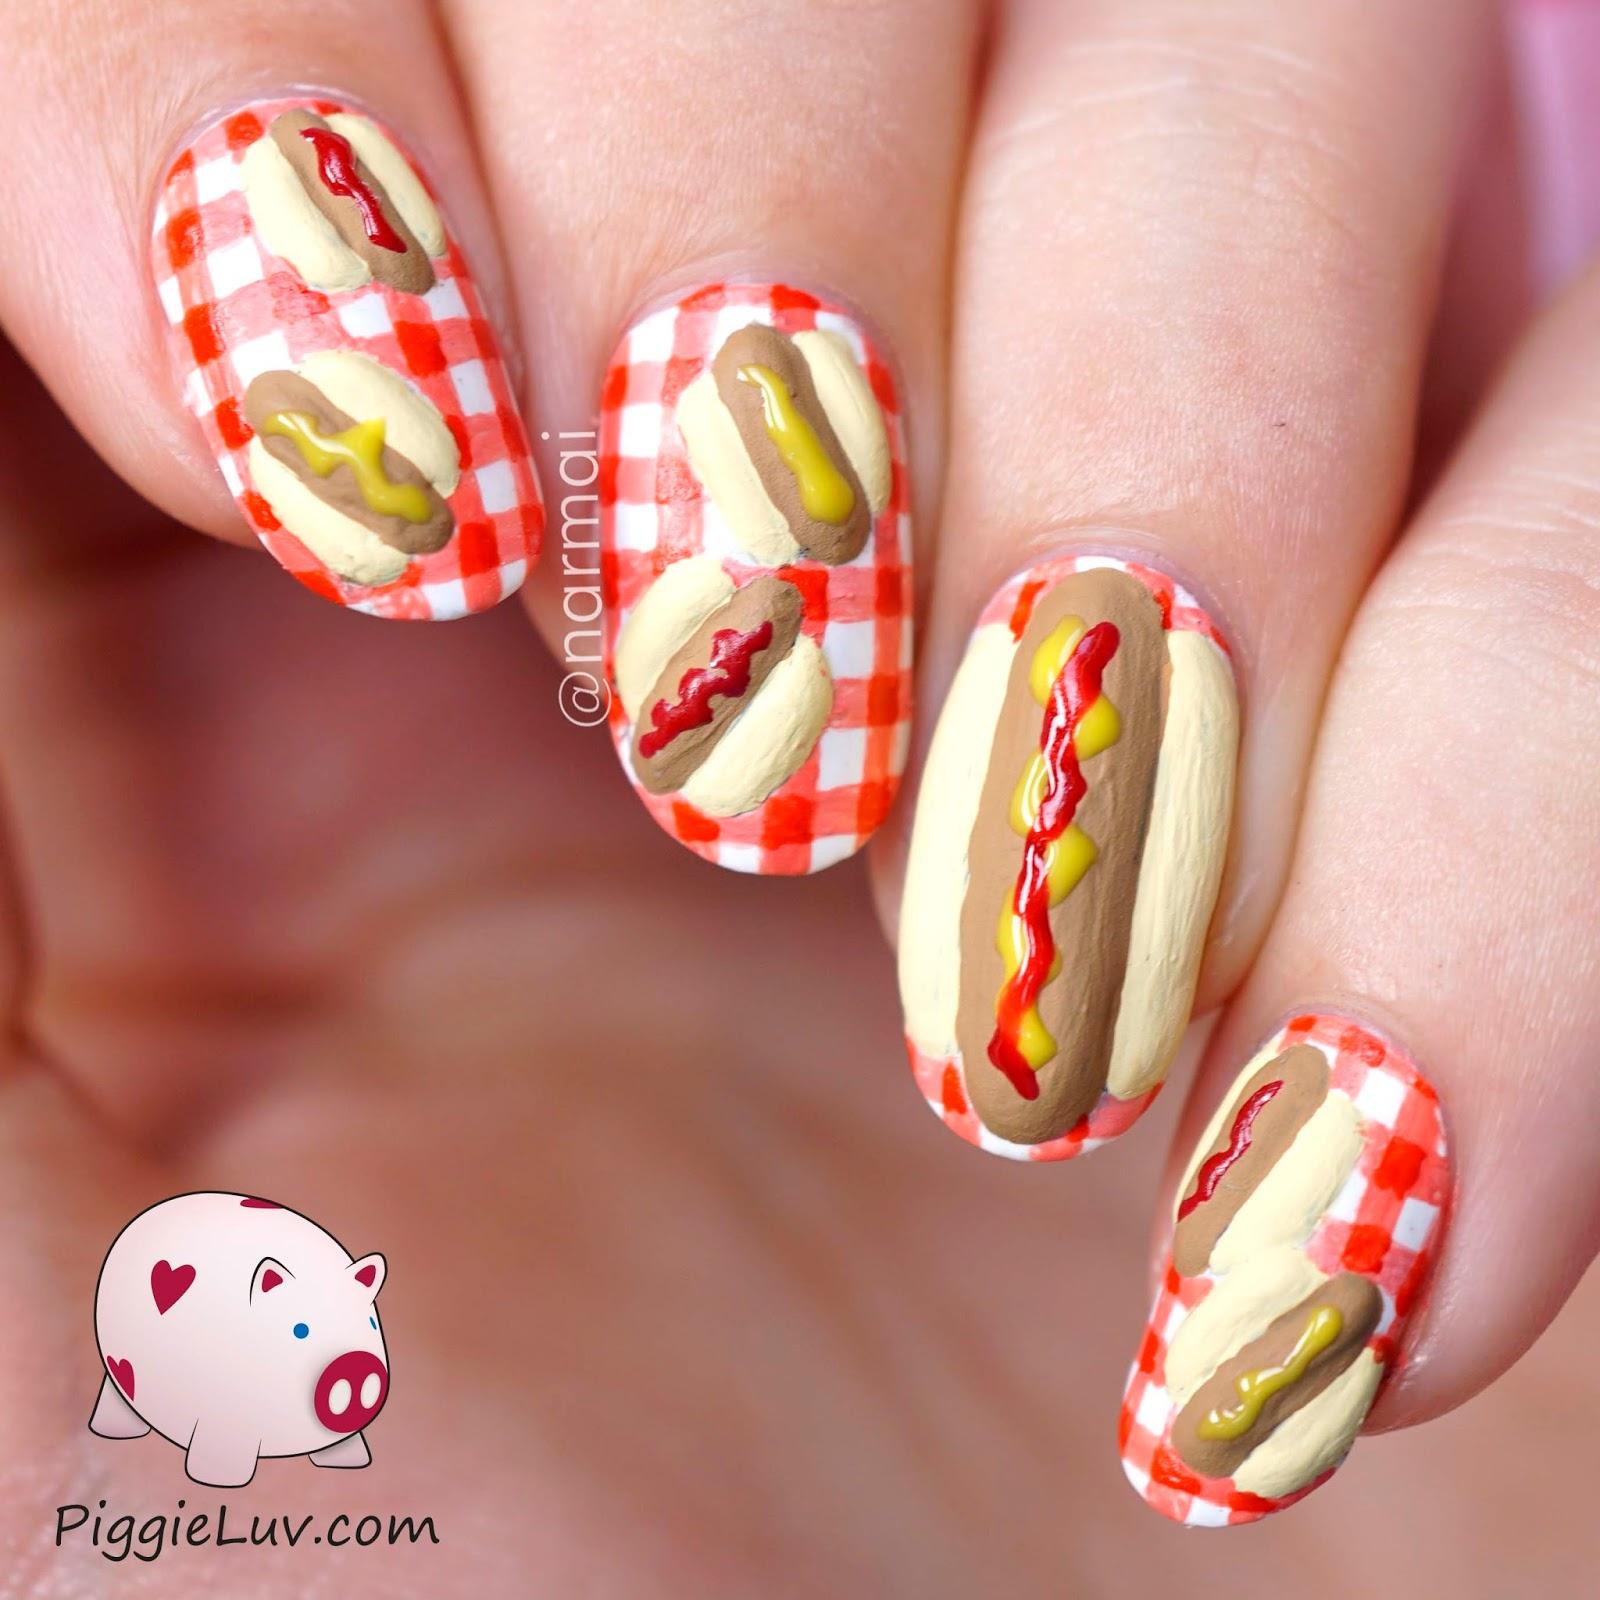 Piggieluv 3d Hotdog Nail Art